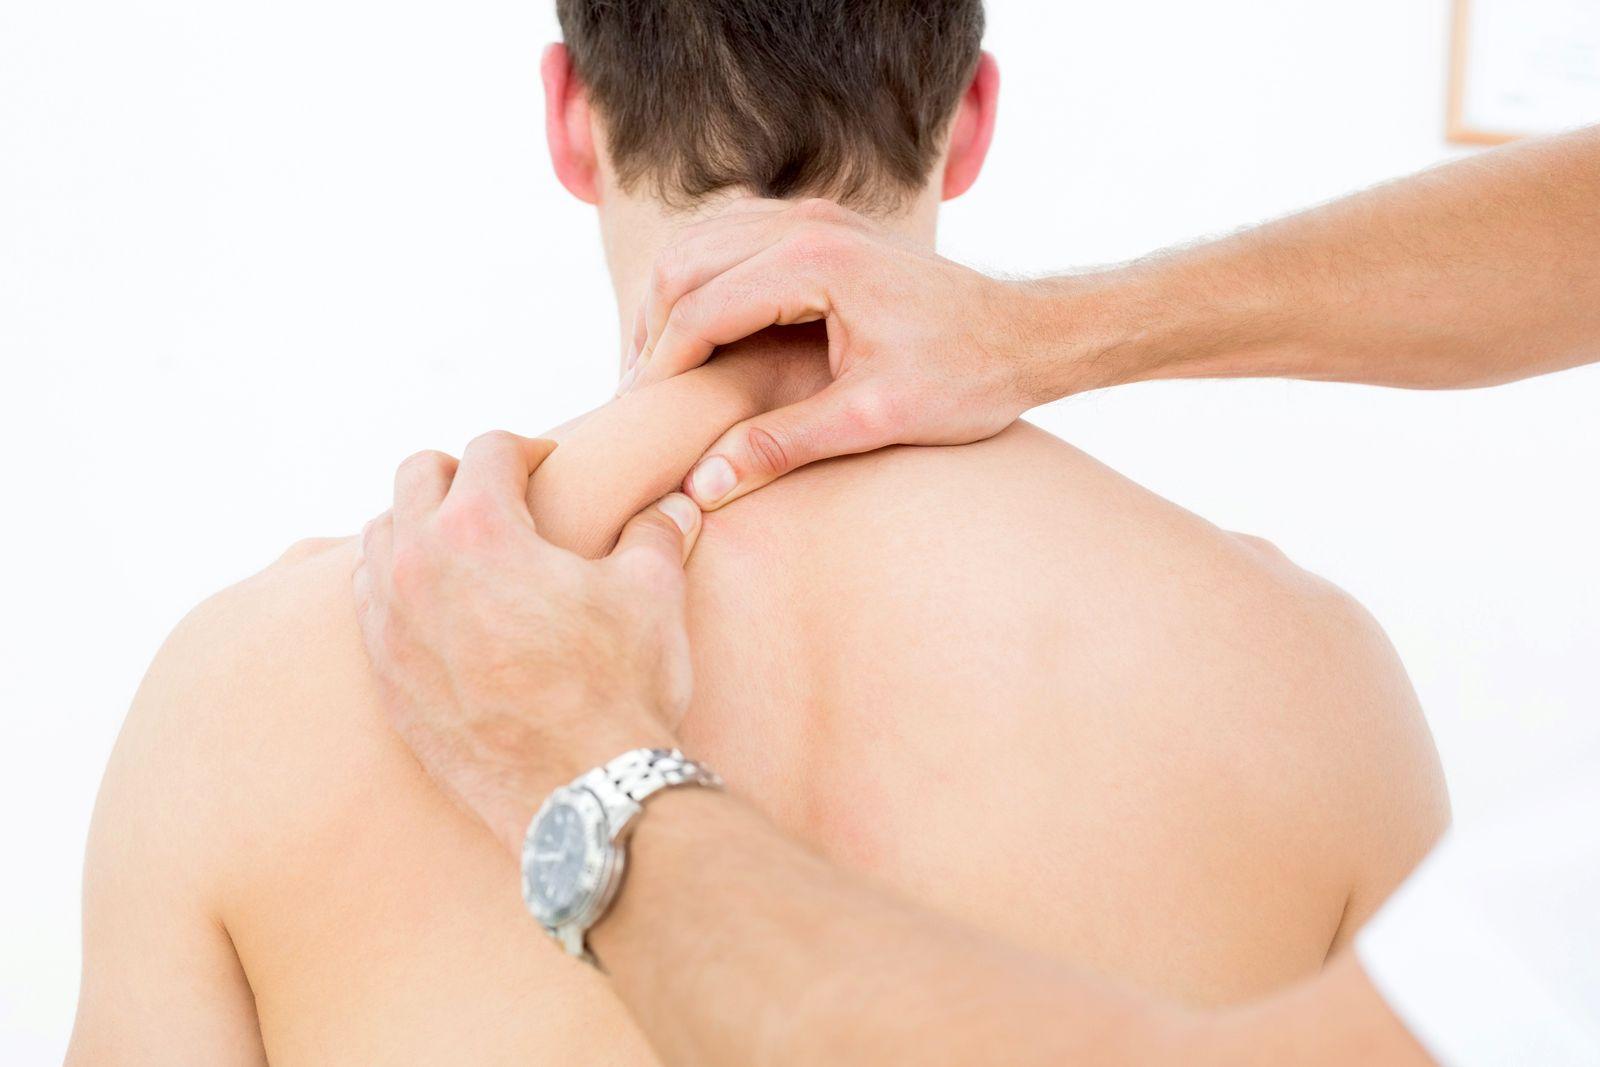 NICHT MEHR VERWENDEN! - Nacken / Massage